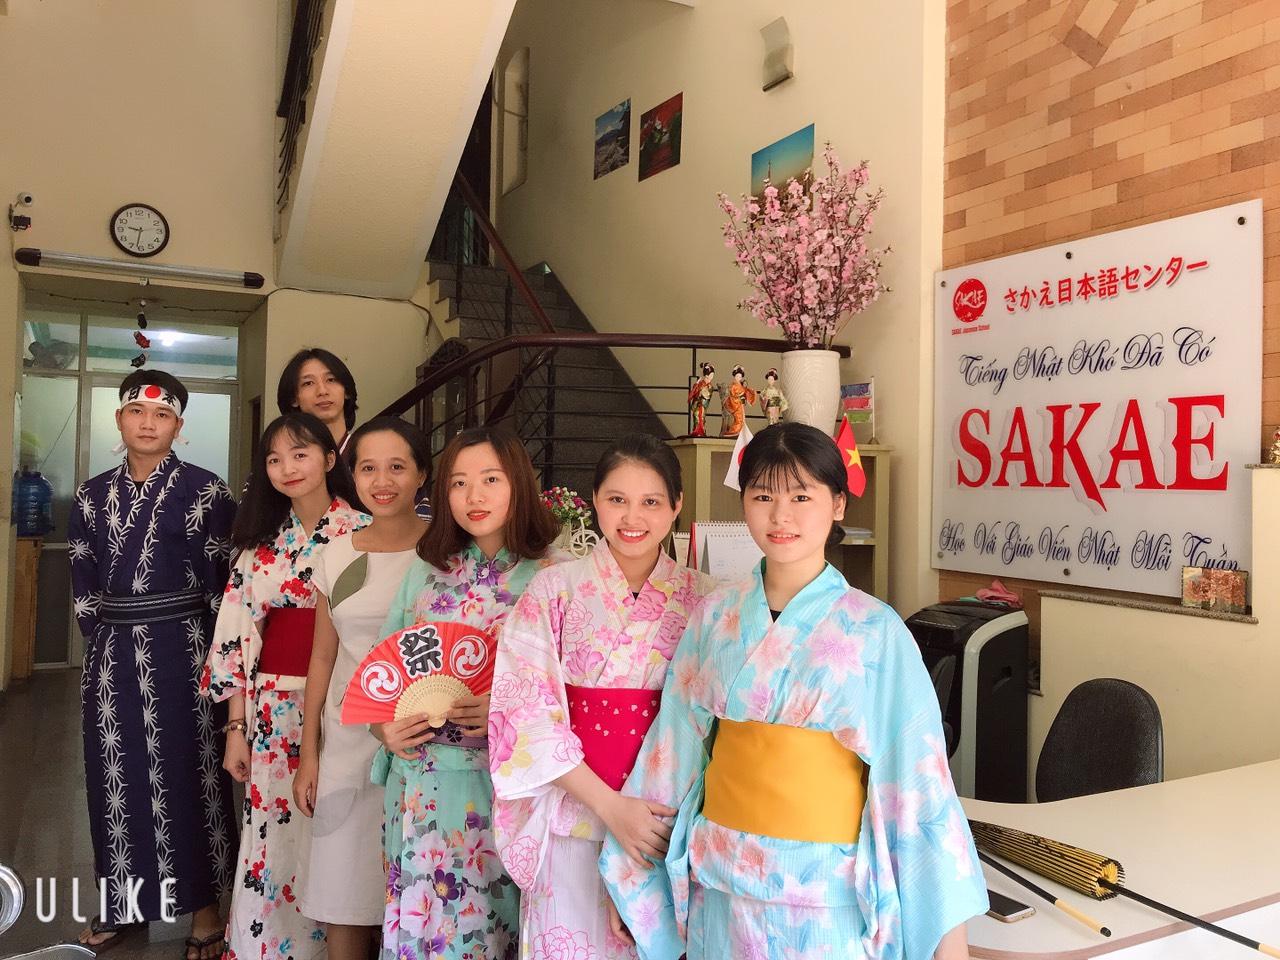 Trung tâm tiếng Nhật tốt ở Thủ Đức, quận 9, Bình Dương